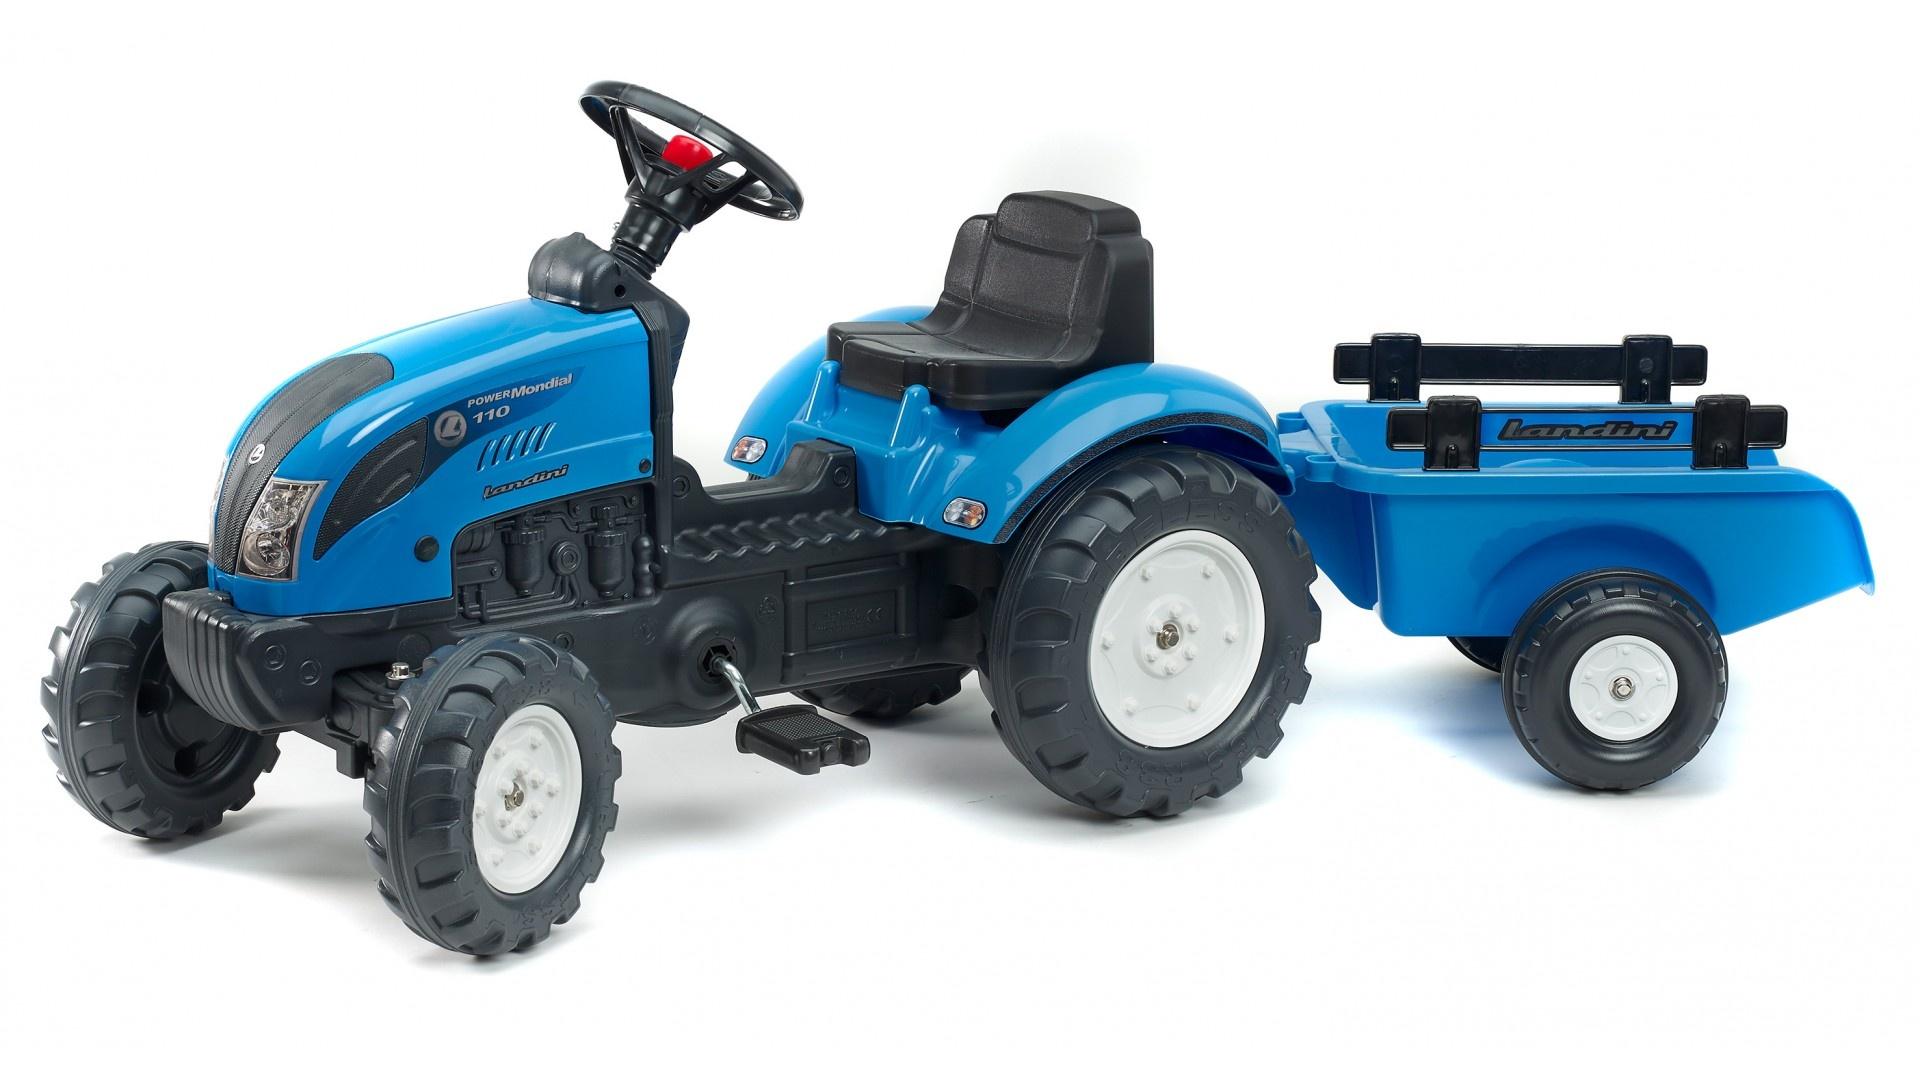 Falk Šlapací traktor LANDINI POWERMONDIAL 110 2050C s vlečkou